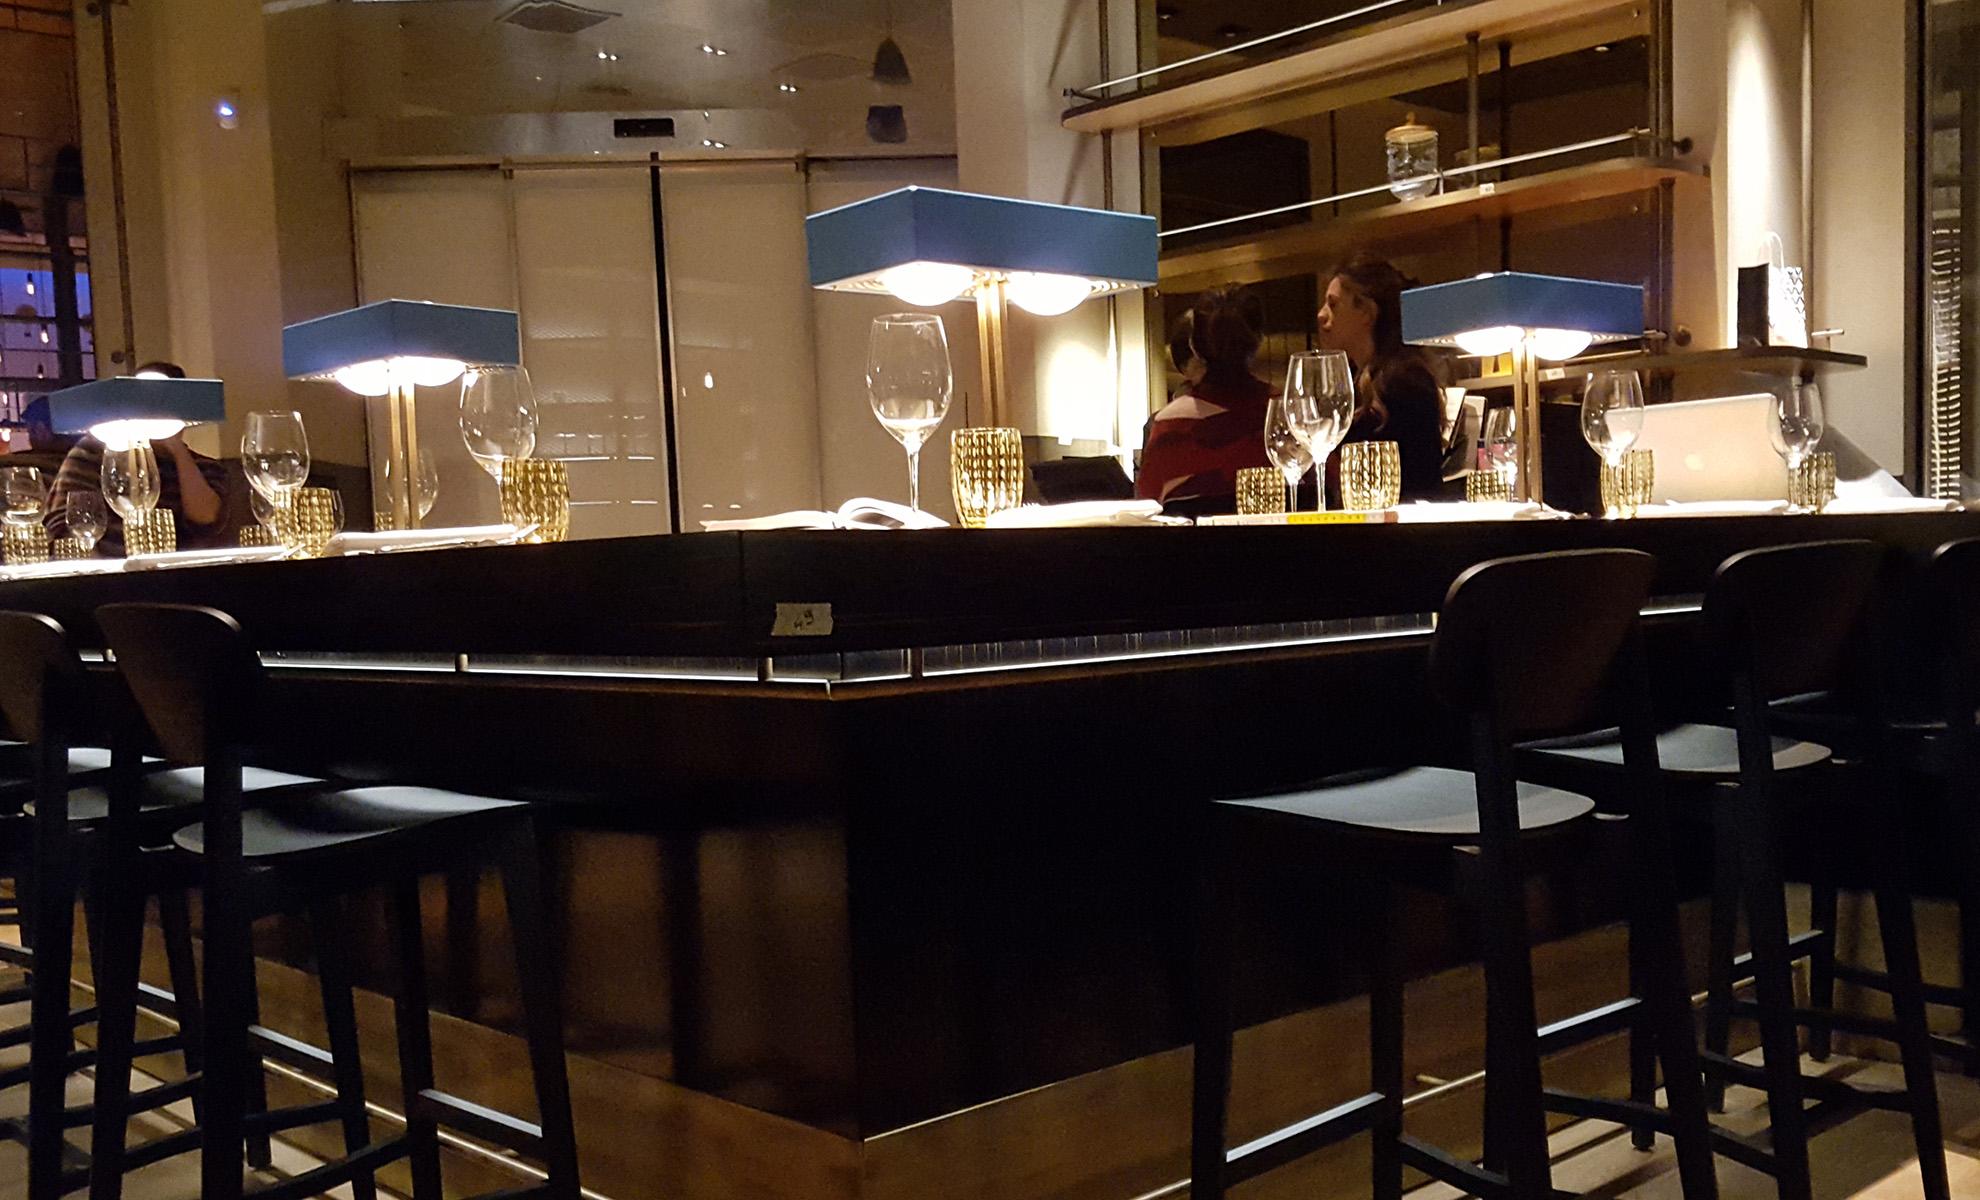 Nuova luce per il ristorante langosteria cafè a milano cannata